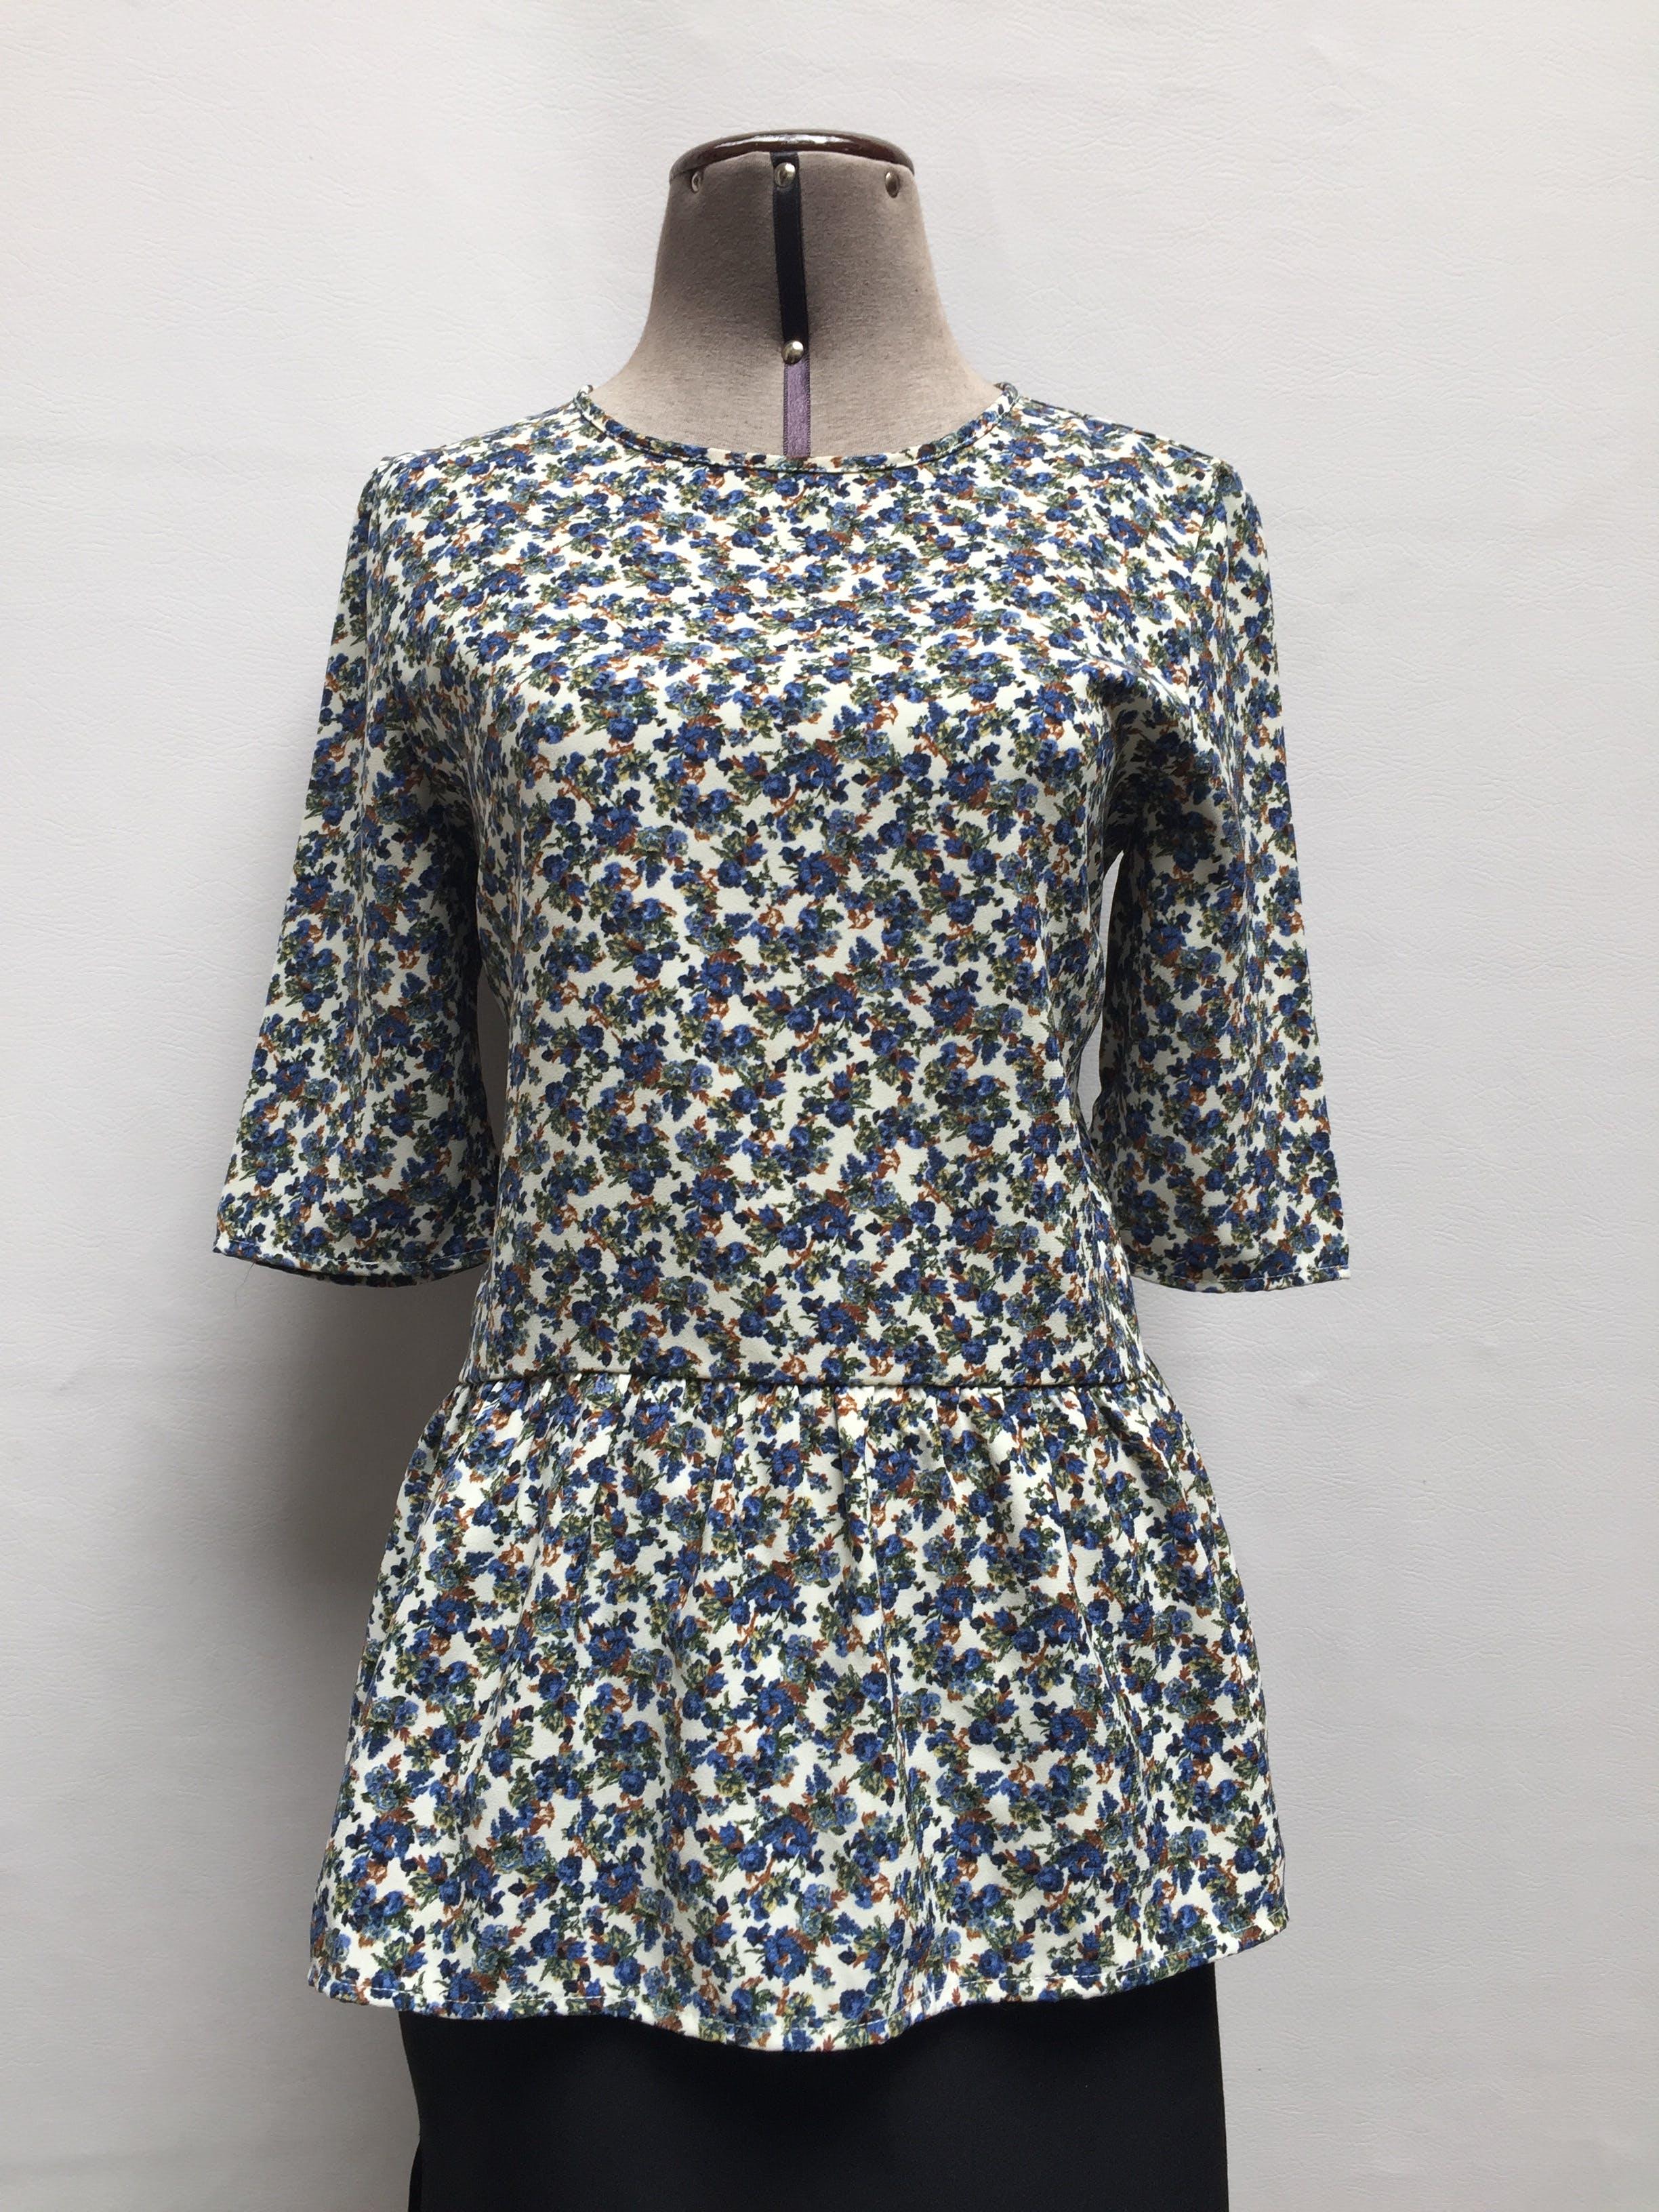 Blusa Zara color crema con florcitas azules, manga 3/4 y volante en la basta. Tiene escote circular en la espalda  Talla M